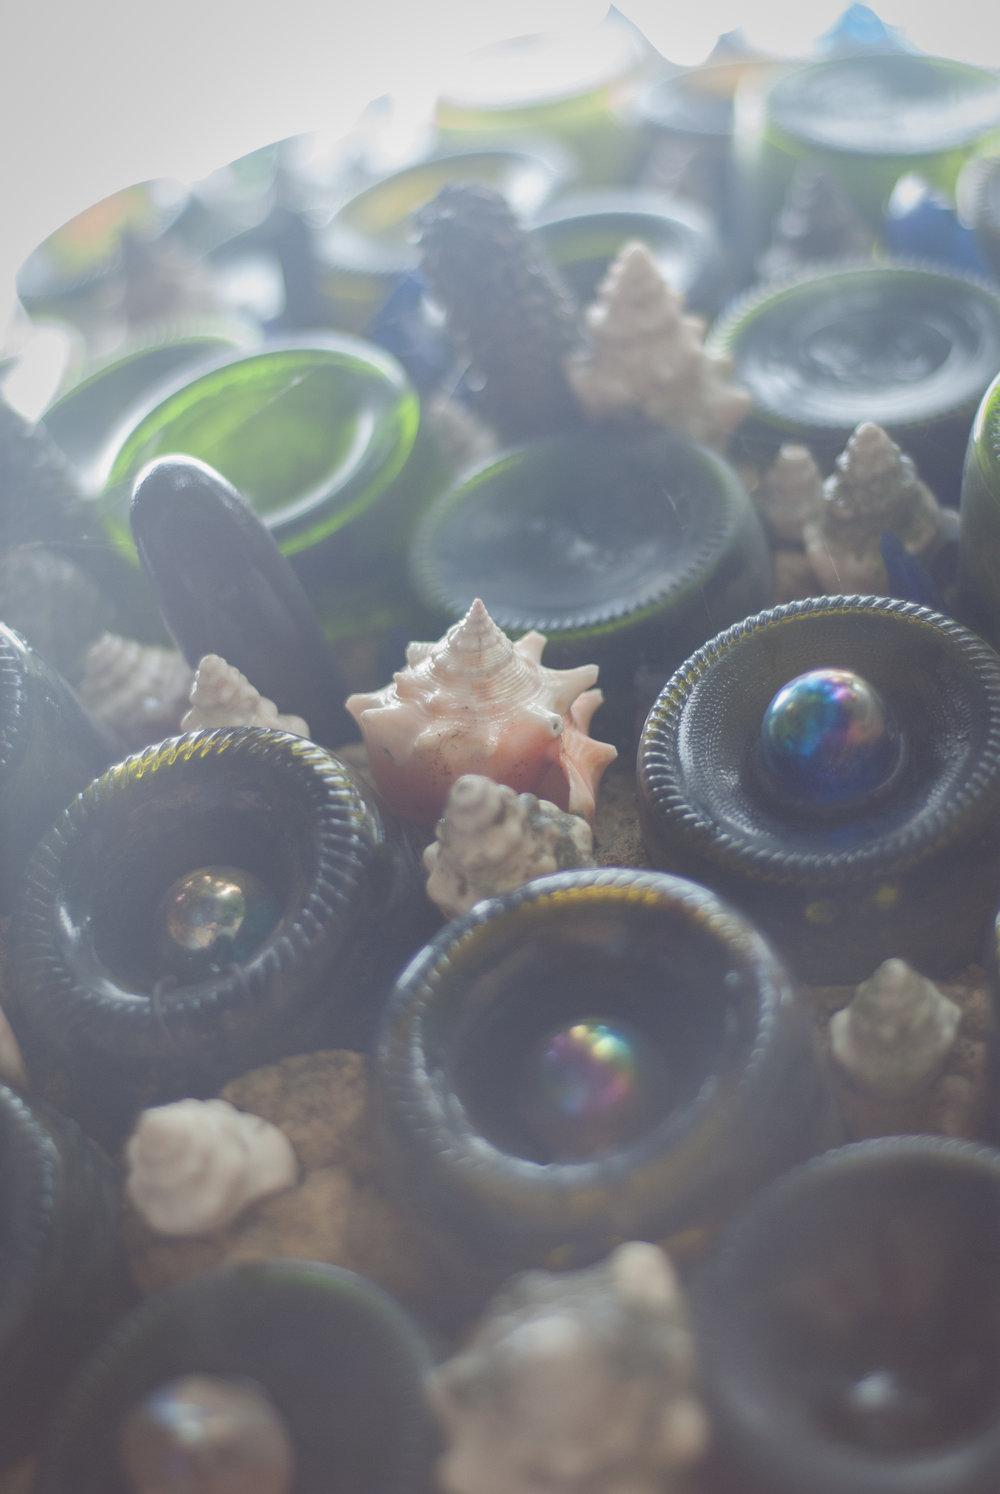 Platos y botellas enteros se amontonan uno sobre otro para crear la ilusión de árboles de Navidad de pan de jengibre. La concha y otras conchas marinas acentúan las formas eclécticas que se derraman de todas partes.